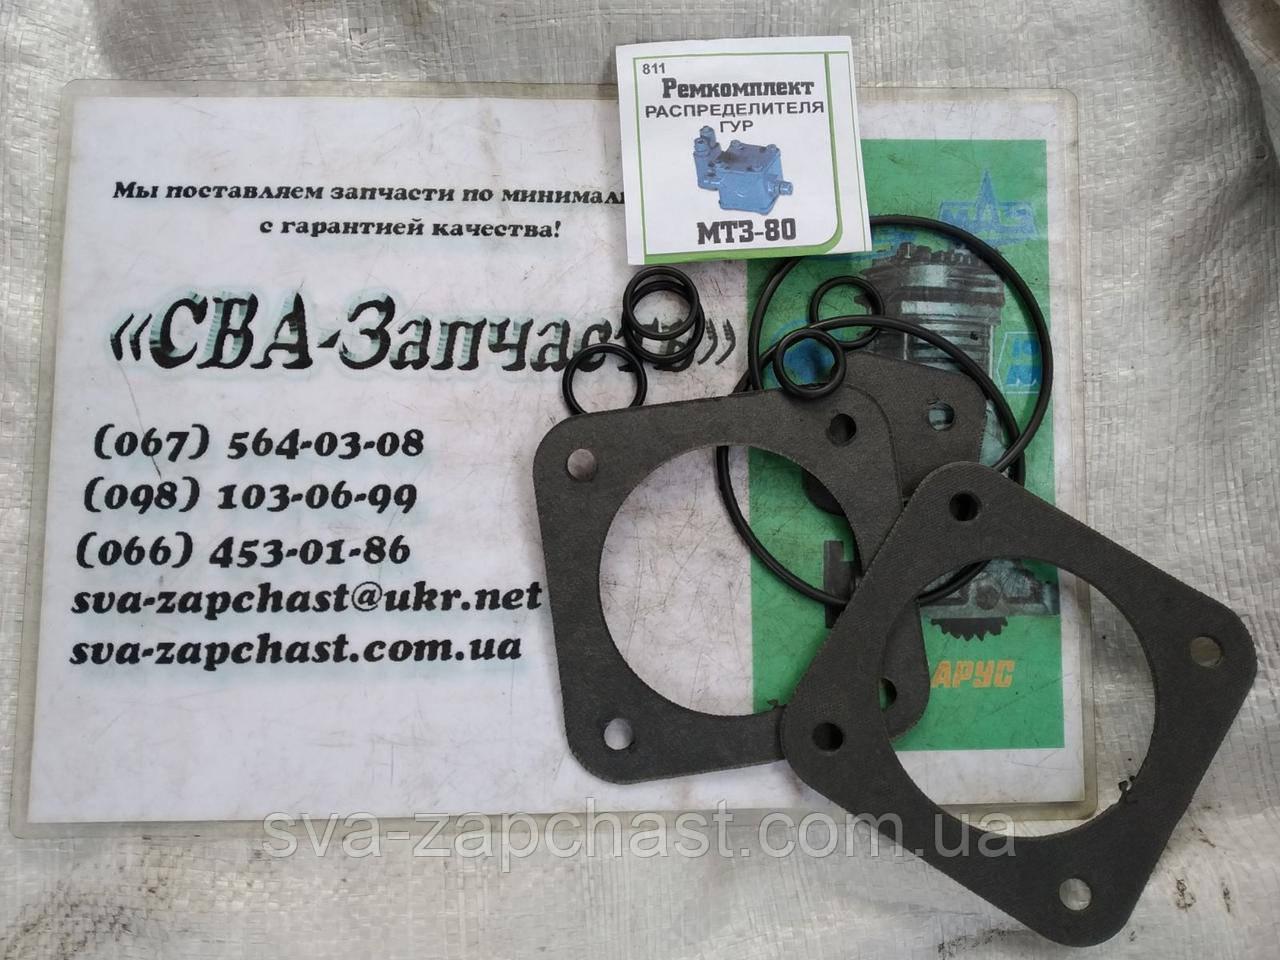 Ремкомплект распределителя ГУРа МТЗ-80 МТЗ-82 коробочка